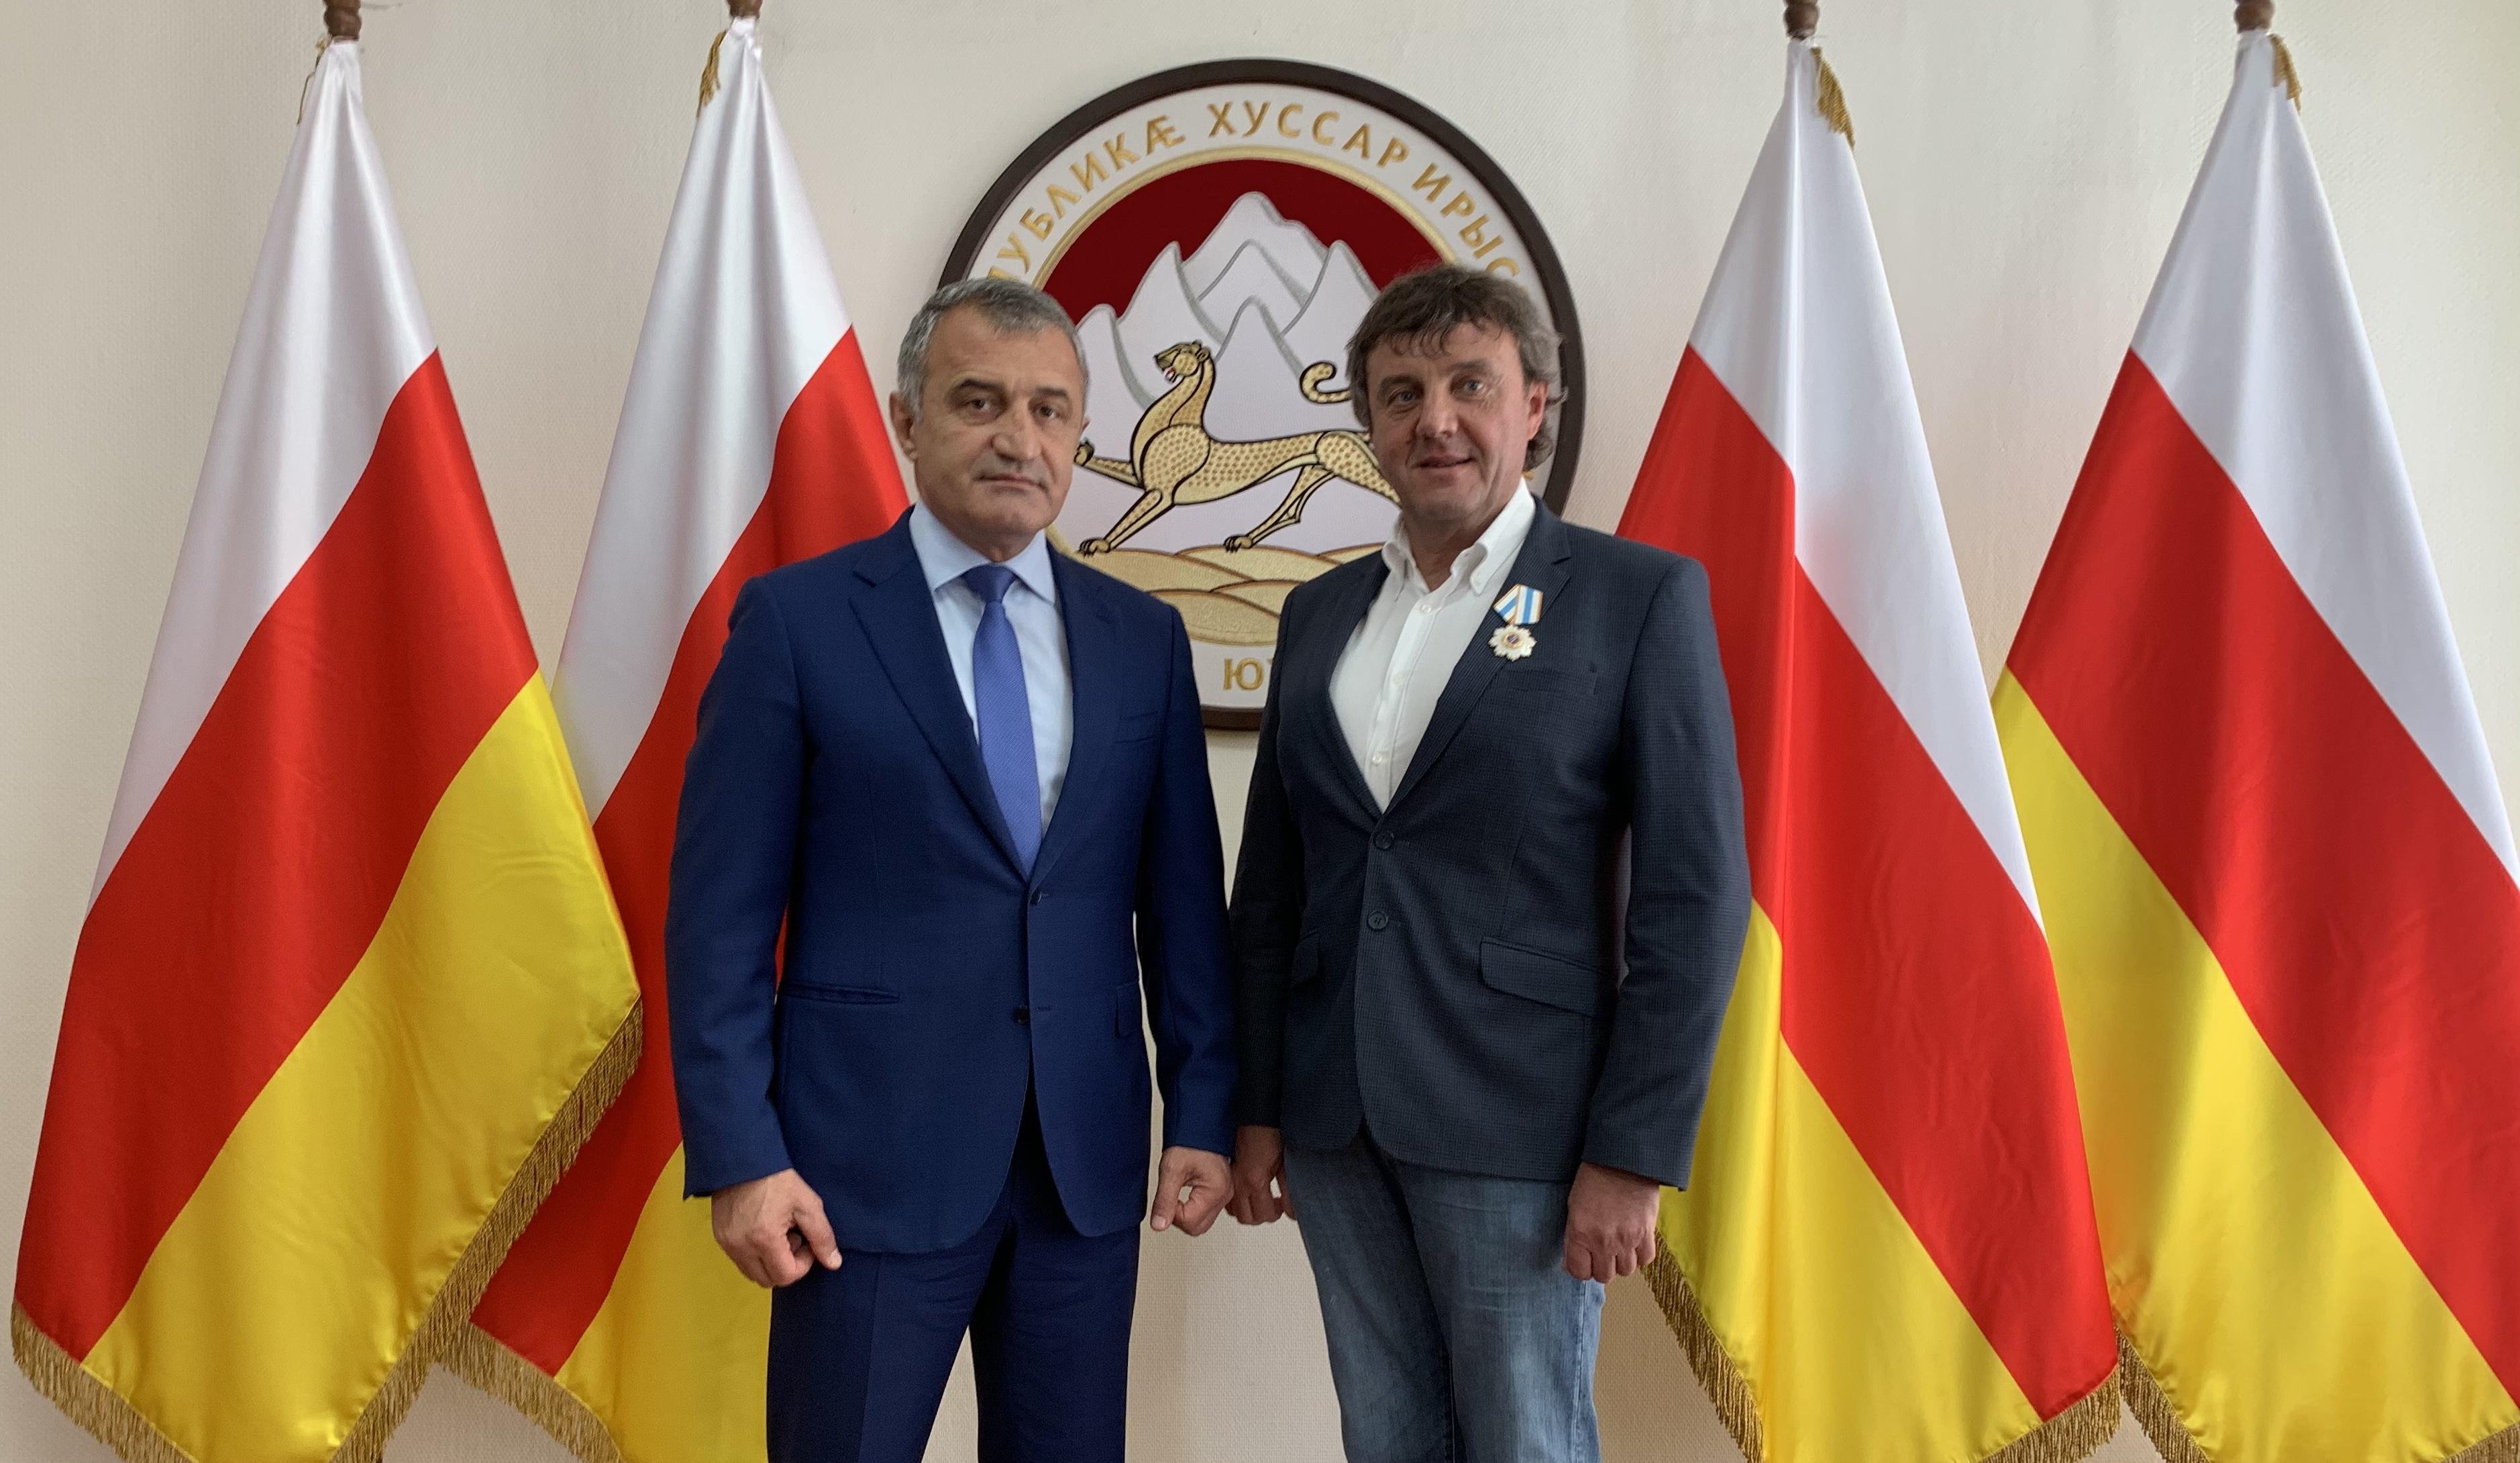 Анатолий Бибилов наградил Эдуарда Тарана Орденом Дружбы